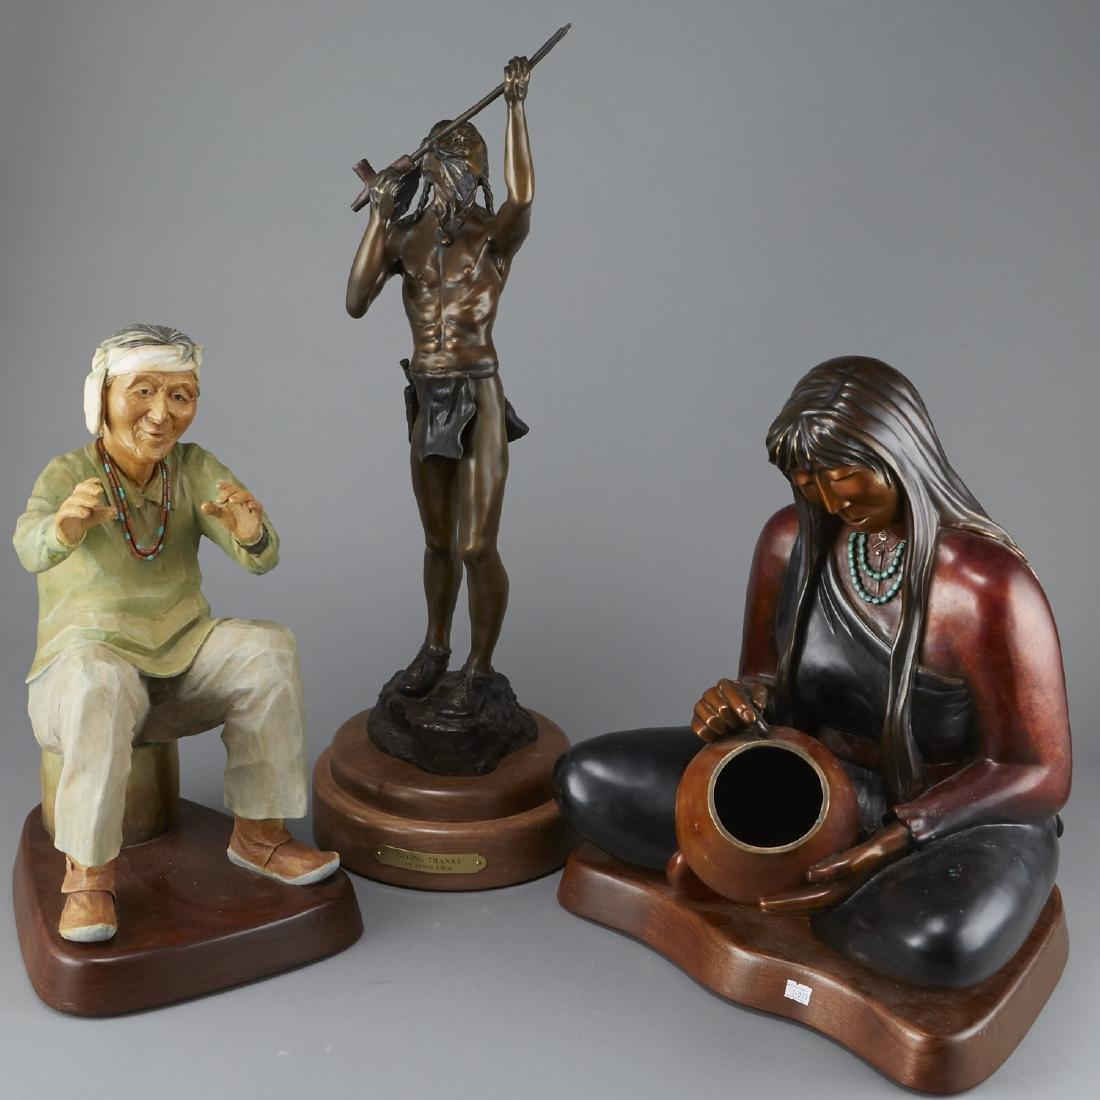 5 Bronze Sculptures Albro, Carpio, Cajero, etc.